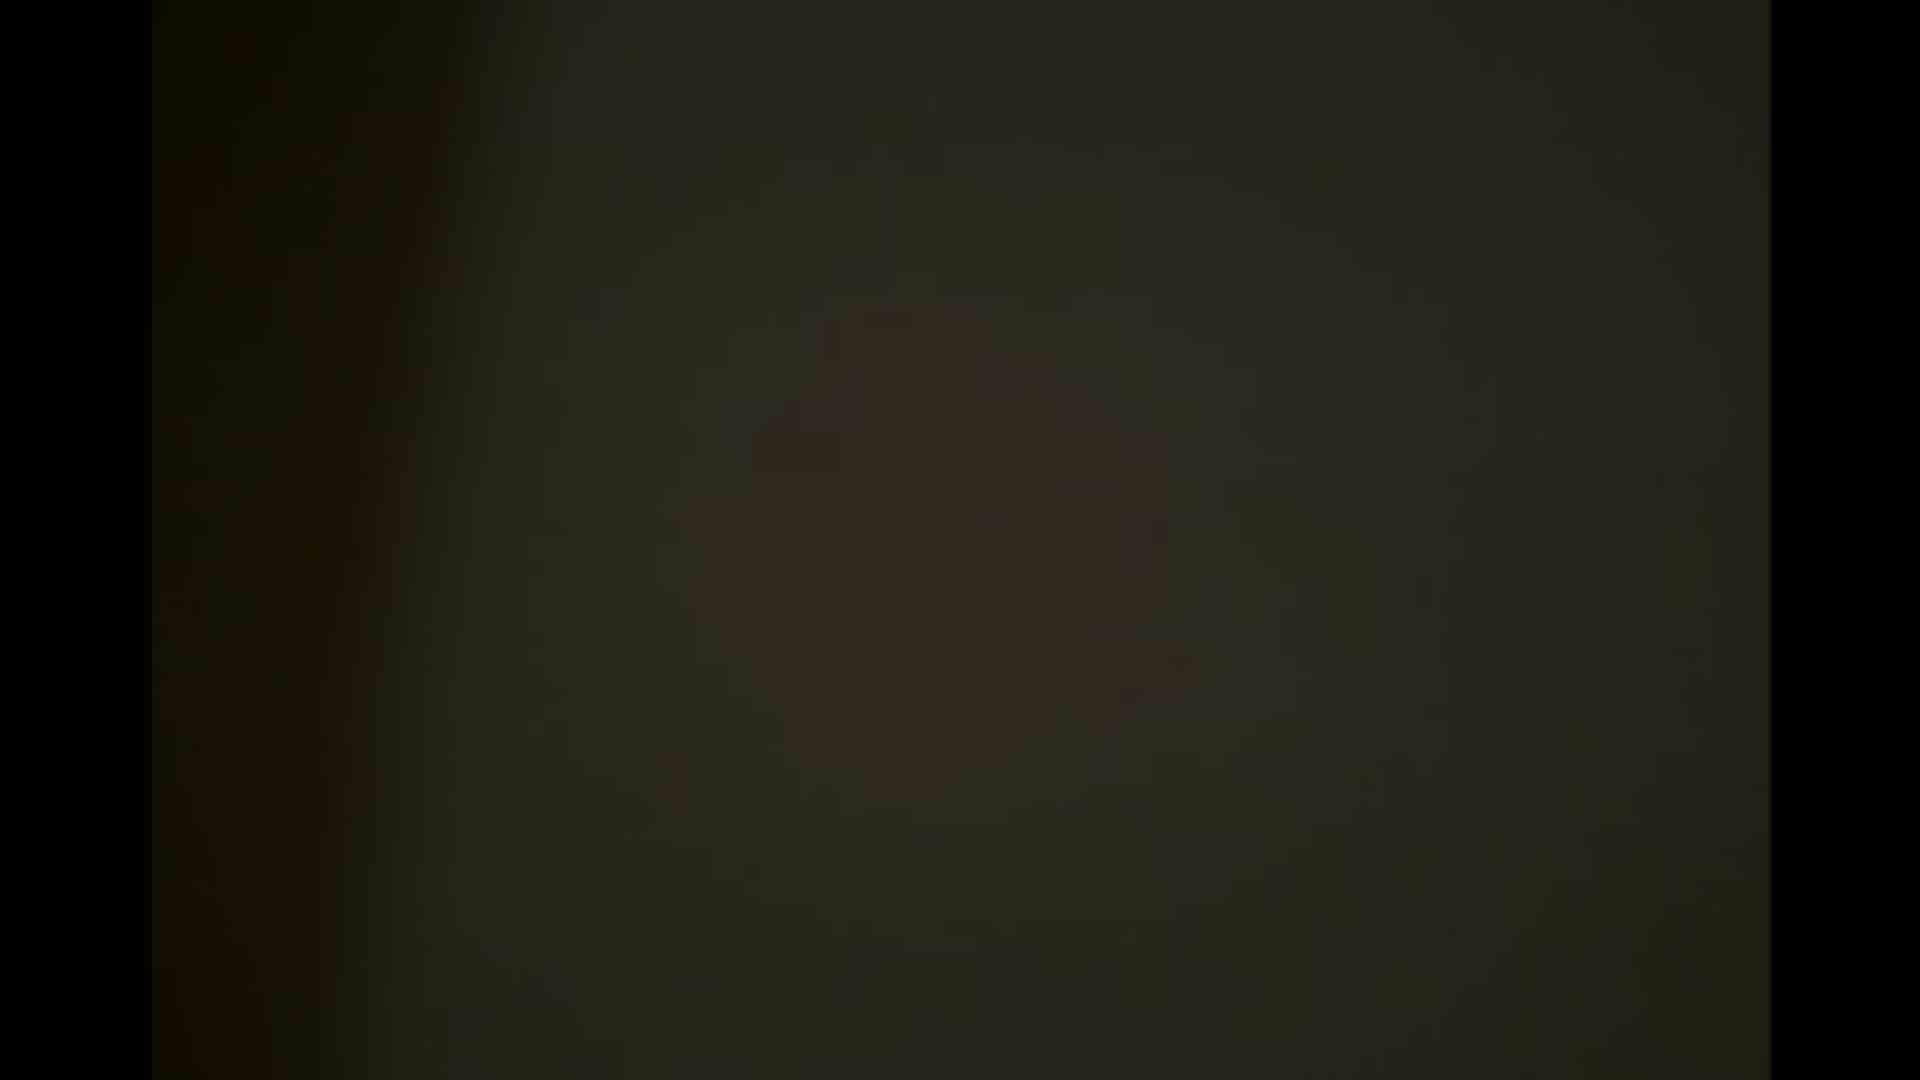 無修正エロ動画|化粧室絵巻 商い場編 VOL.01|怪盗ジョーカー